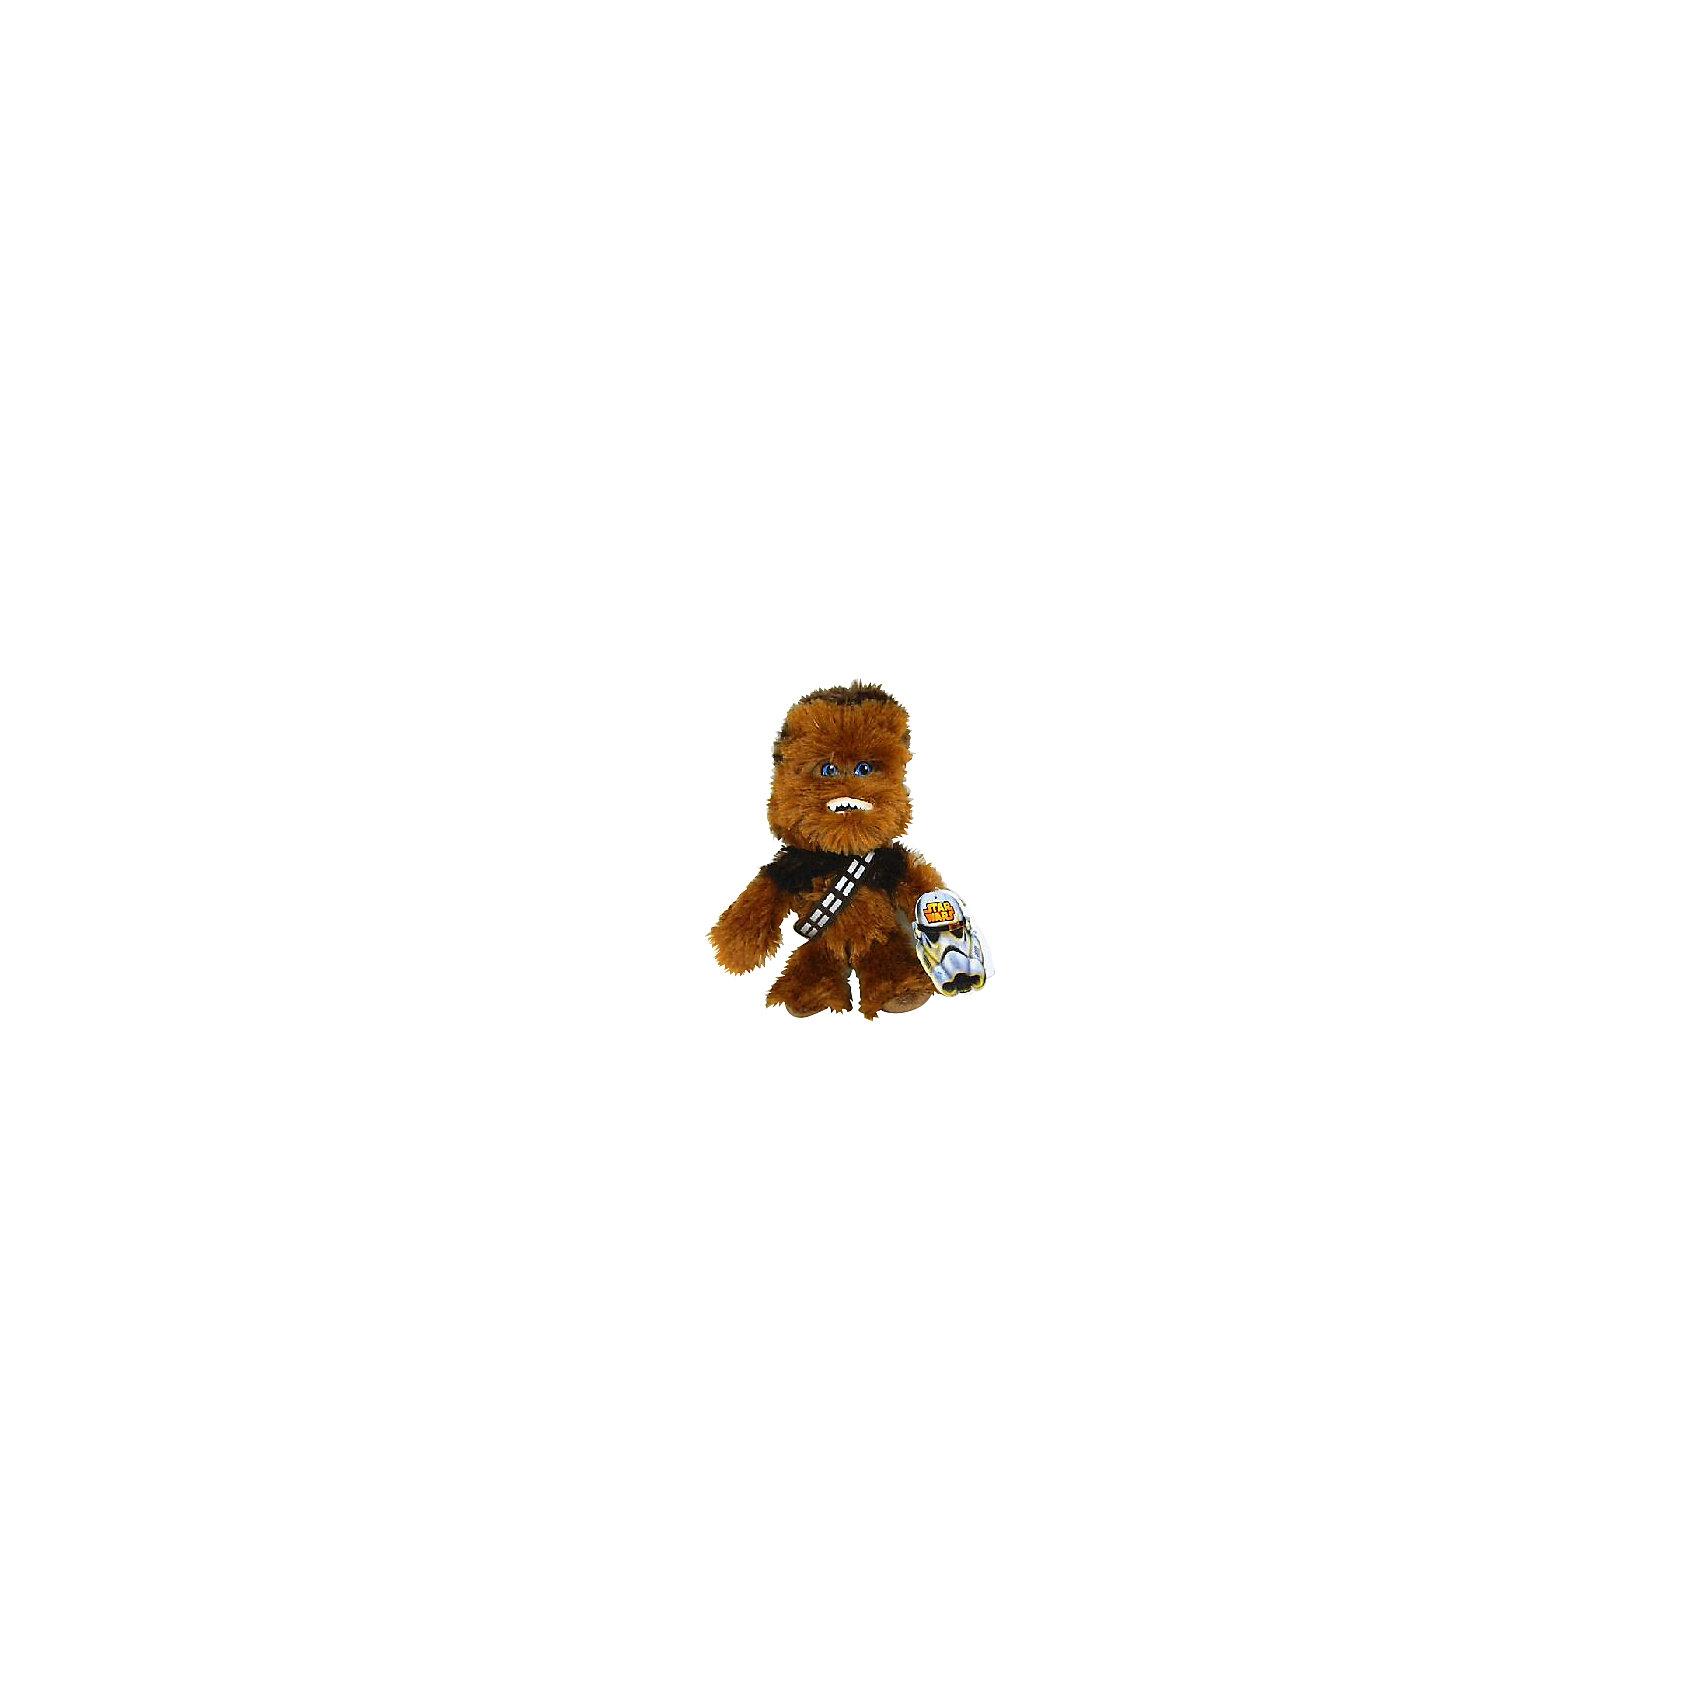 Мягкая игрушка Чубакка, 18 см, Звездные войныЛюбимые герои<br>Чубакка, Звездные войны  - оригинальная мягкая игрушка, которая станет приятным сюрпризом для детей любого возраста. Игрушка изображает популярного персонажа Чубакку из знаменитой киноэпопеи Звездные войны (Star Wars). Забавный волосатый гигант из народа вуки прекрасный пилот и механик, его туловище полностью покрыто шерстью, видны только его глаза. Фигурка Чубакки очень мягкая и приятная на ощупь, с хорошо прошитыми деталями и разным цветом волос. Изготовлена из качественных экологичных материалов и совершенно безопасна для детского здоровья. <br><br>Дополнительная информация:<br><br>- Материал: плюш, синтепон.<br>- Высота игрушки: 18 см.<br>- Размер упаковки: 8 х 12 х 7 см.<br>- Вес: 100 гр.<br><br>Мягкую игрушку Чубакка, Звездные войны, можно купить в нашем интернет-магазине.<br><br>Ширина мм: 80<br>Глубина мм: 120<br>Высота мм: 70<br>Вес г: 70<br>Возраст от месяцев: 36<br>Возраст до месяцев: 1188<br>Пол: Мужской<br>Возраст: Детский<br>SKU: 4302510